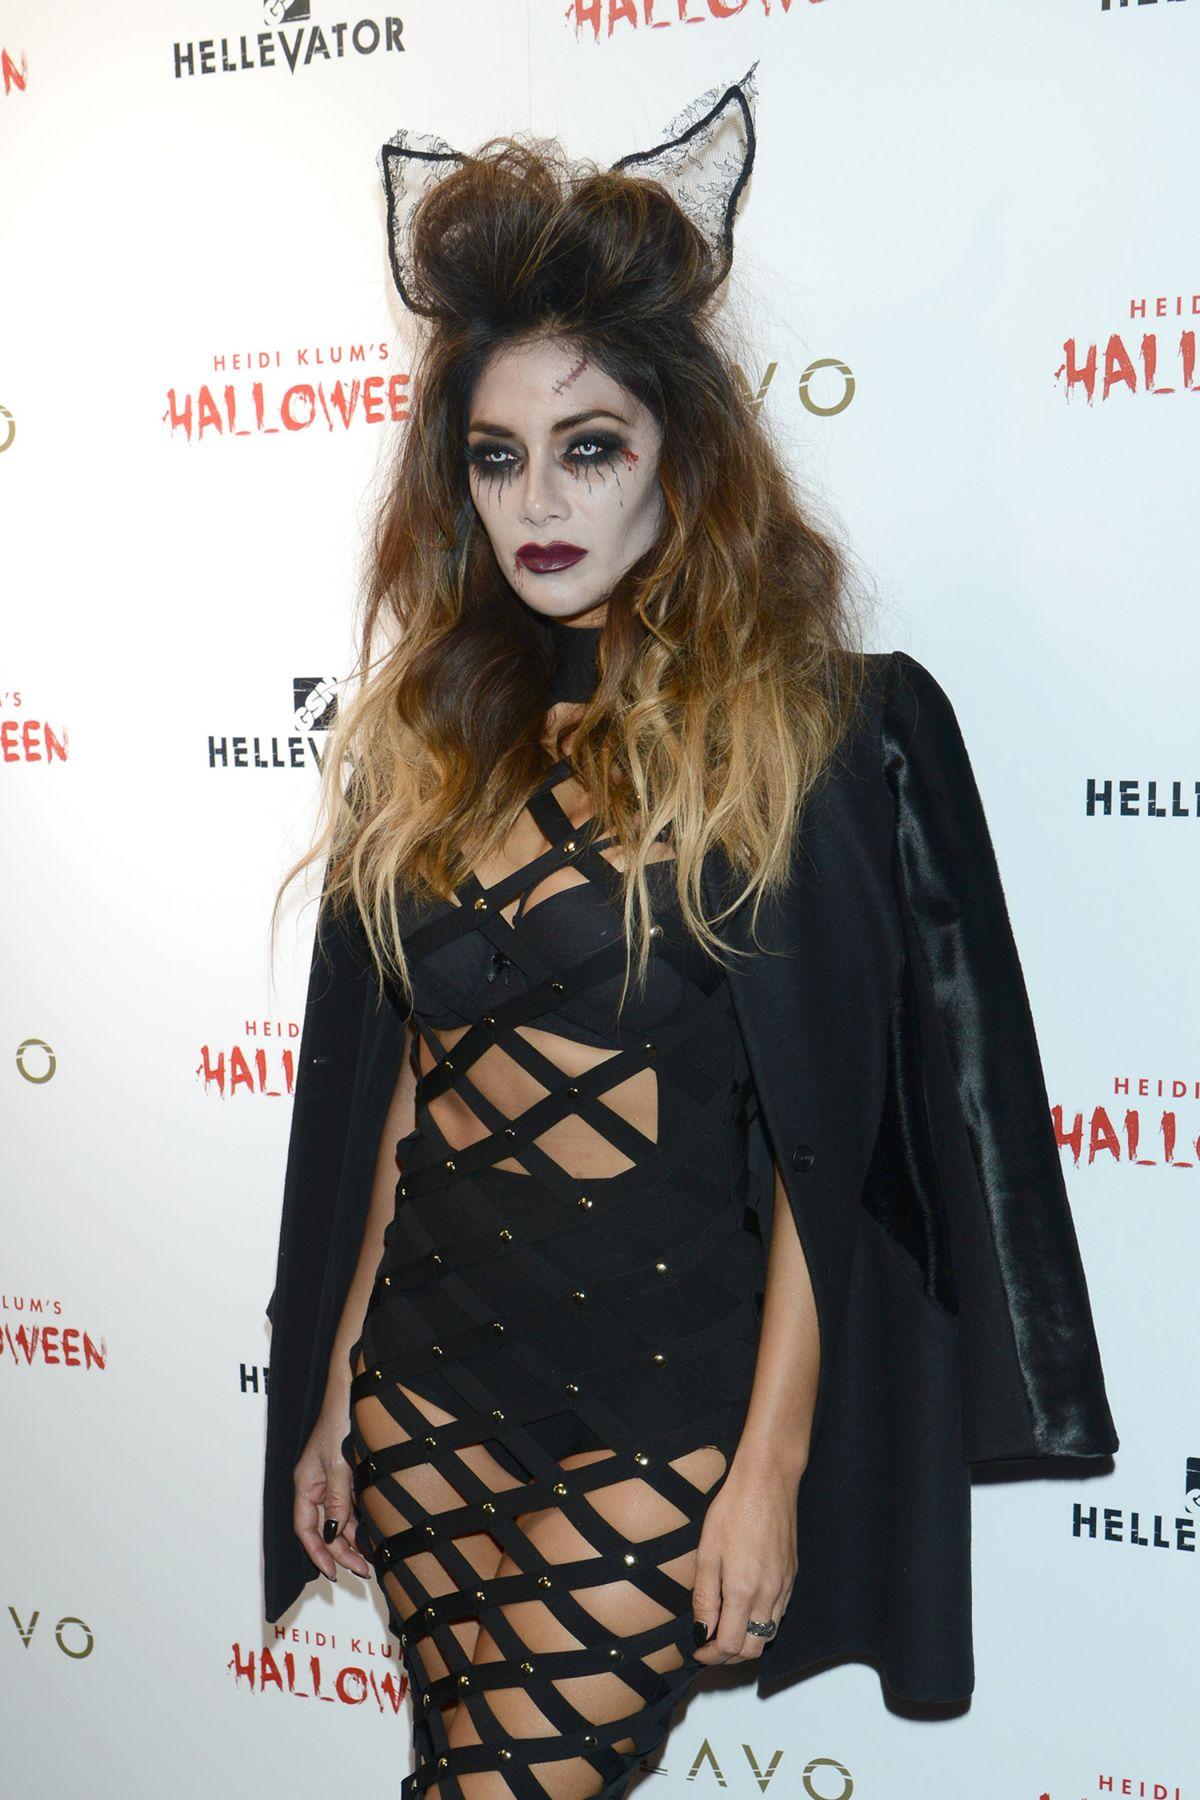 NICOLE SCHERZINGER at Heidi Klum Halloween Party in New York 10/31 ...